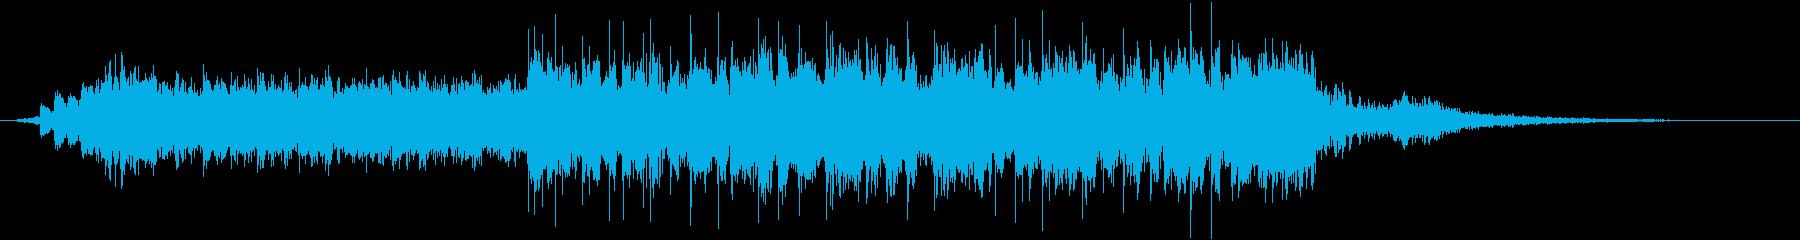 30秒で完結するクールでオシャレなBGMの再生済みの波形